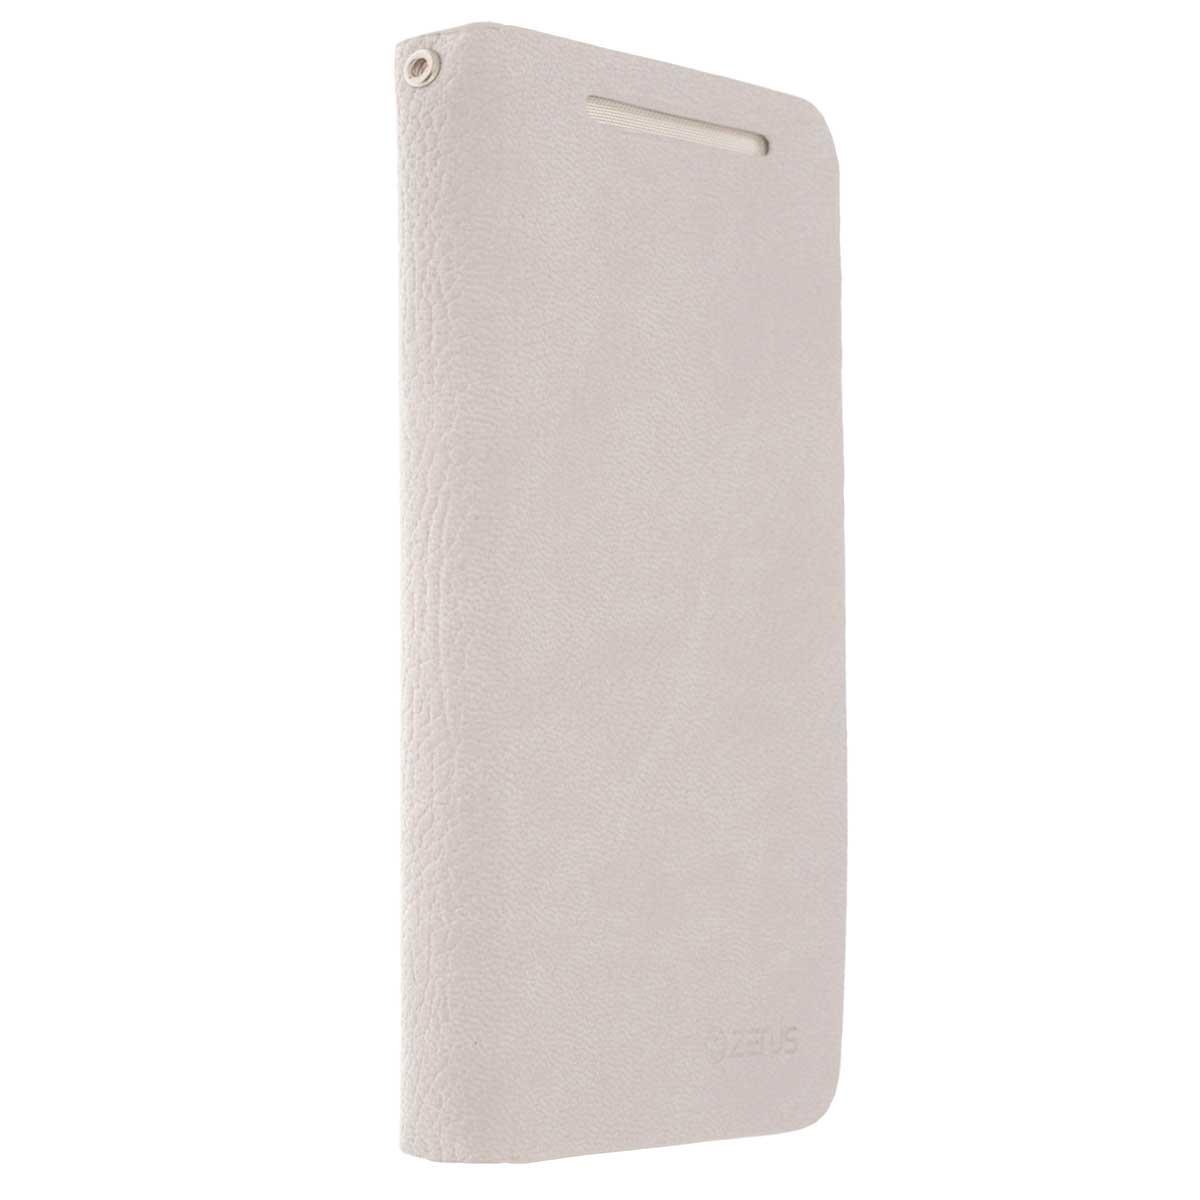 Zenus E-Style чехол для HTC One, Beige760833Zenus E-Style для HTC One - стильный аксессуар, который защитит ваше мобильное устройство от внешних воздействий, грязи, пыли, брызг. Чехол также поможет при ударах и падениях, смягчая удары, не позволяя образовываться на корпусе царапинам и потертостям. Обеспечивает свободный доступ ко всем разъемам и клавишам устройства.